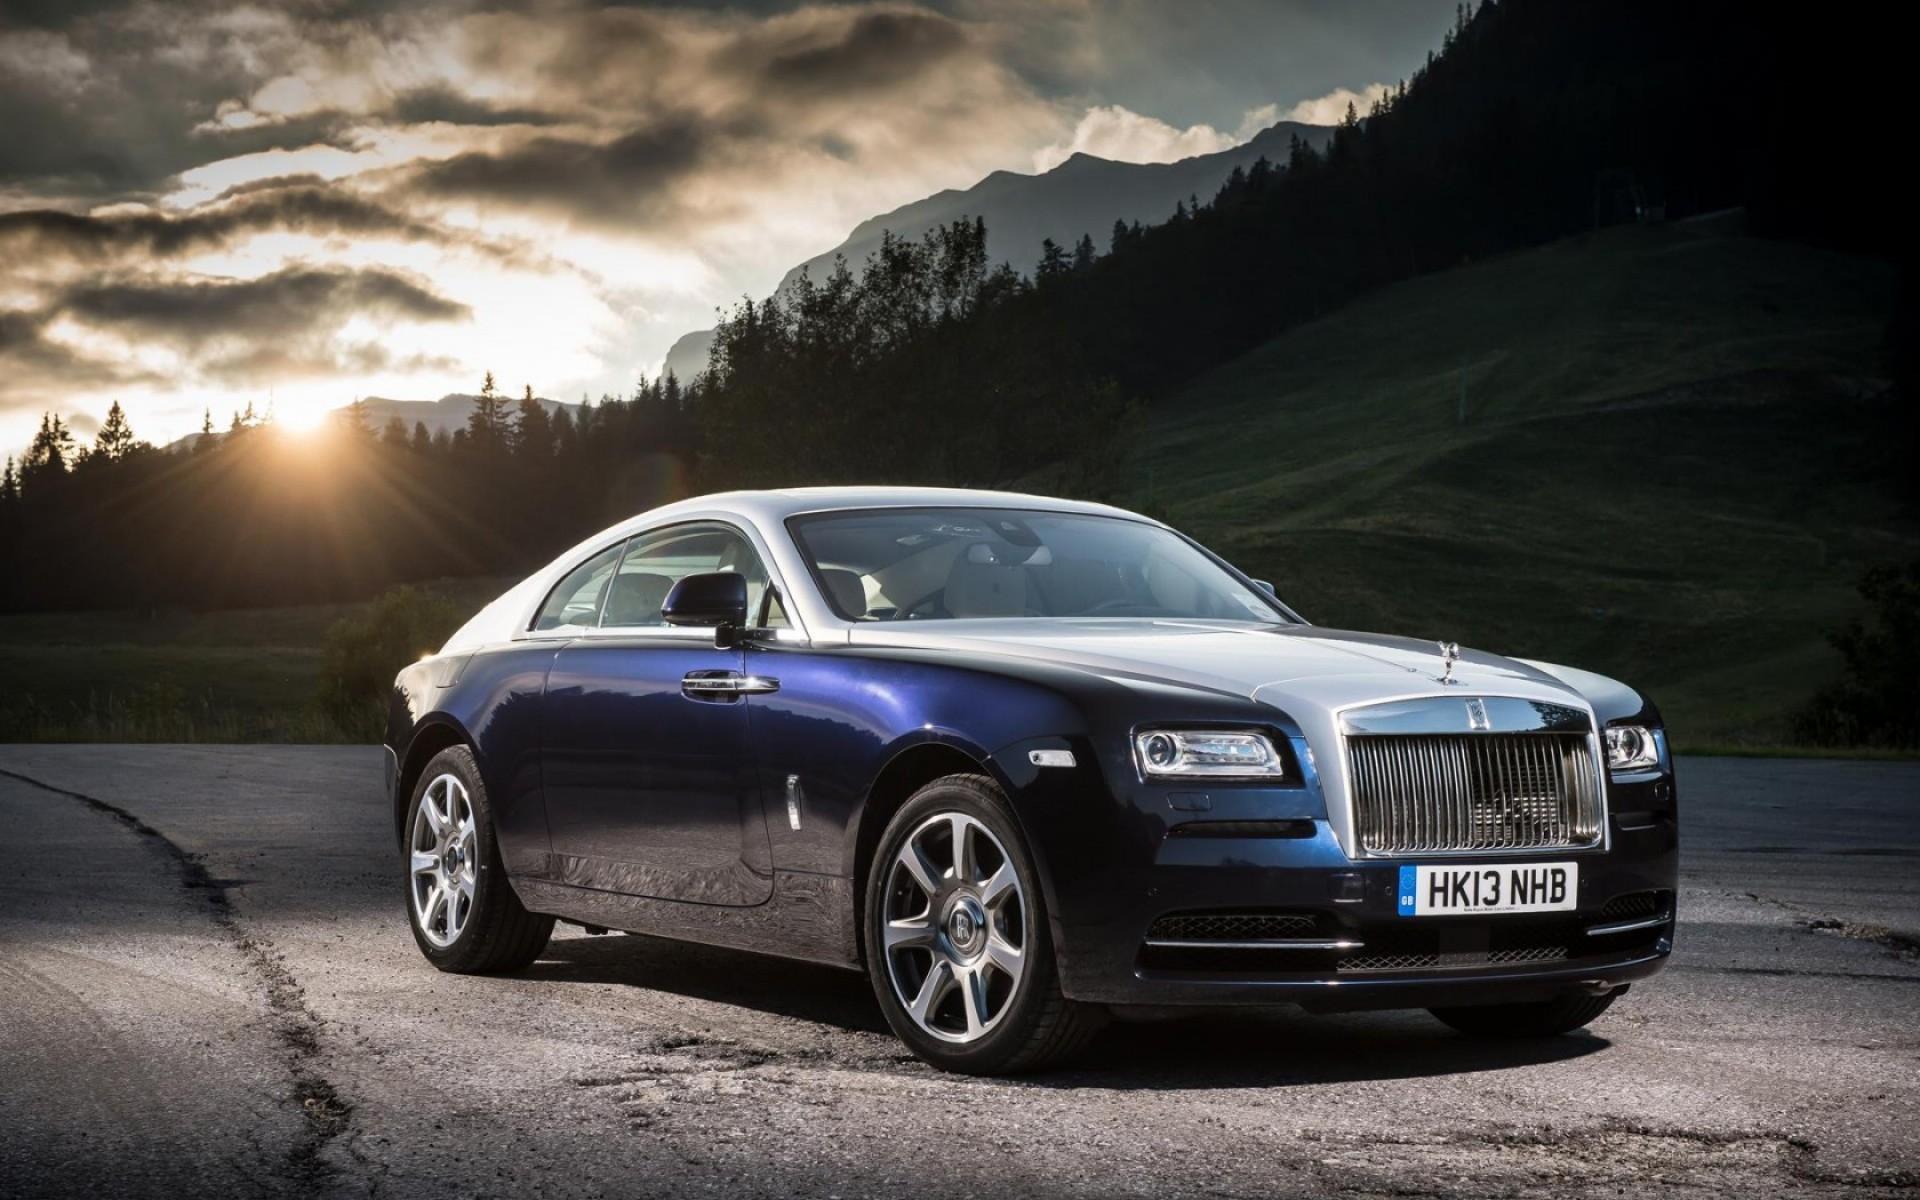 Wallpaper Rolls Royce Sedan Rolls Royce Wraith Wheel